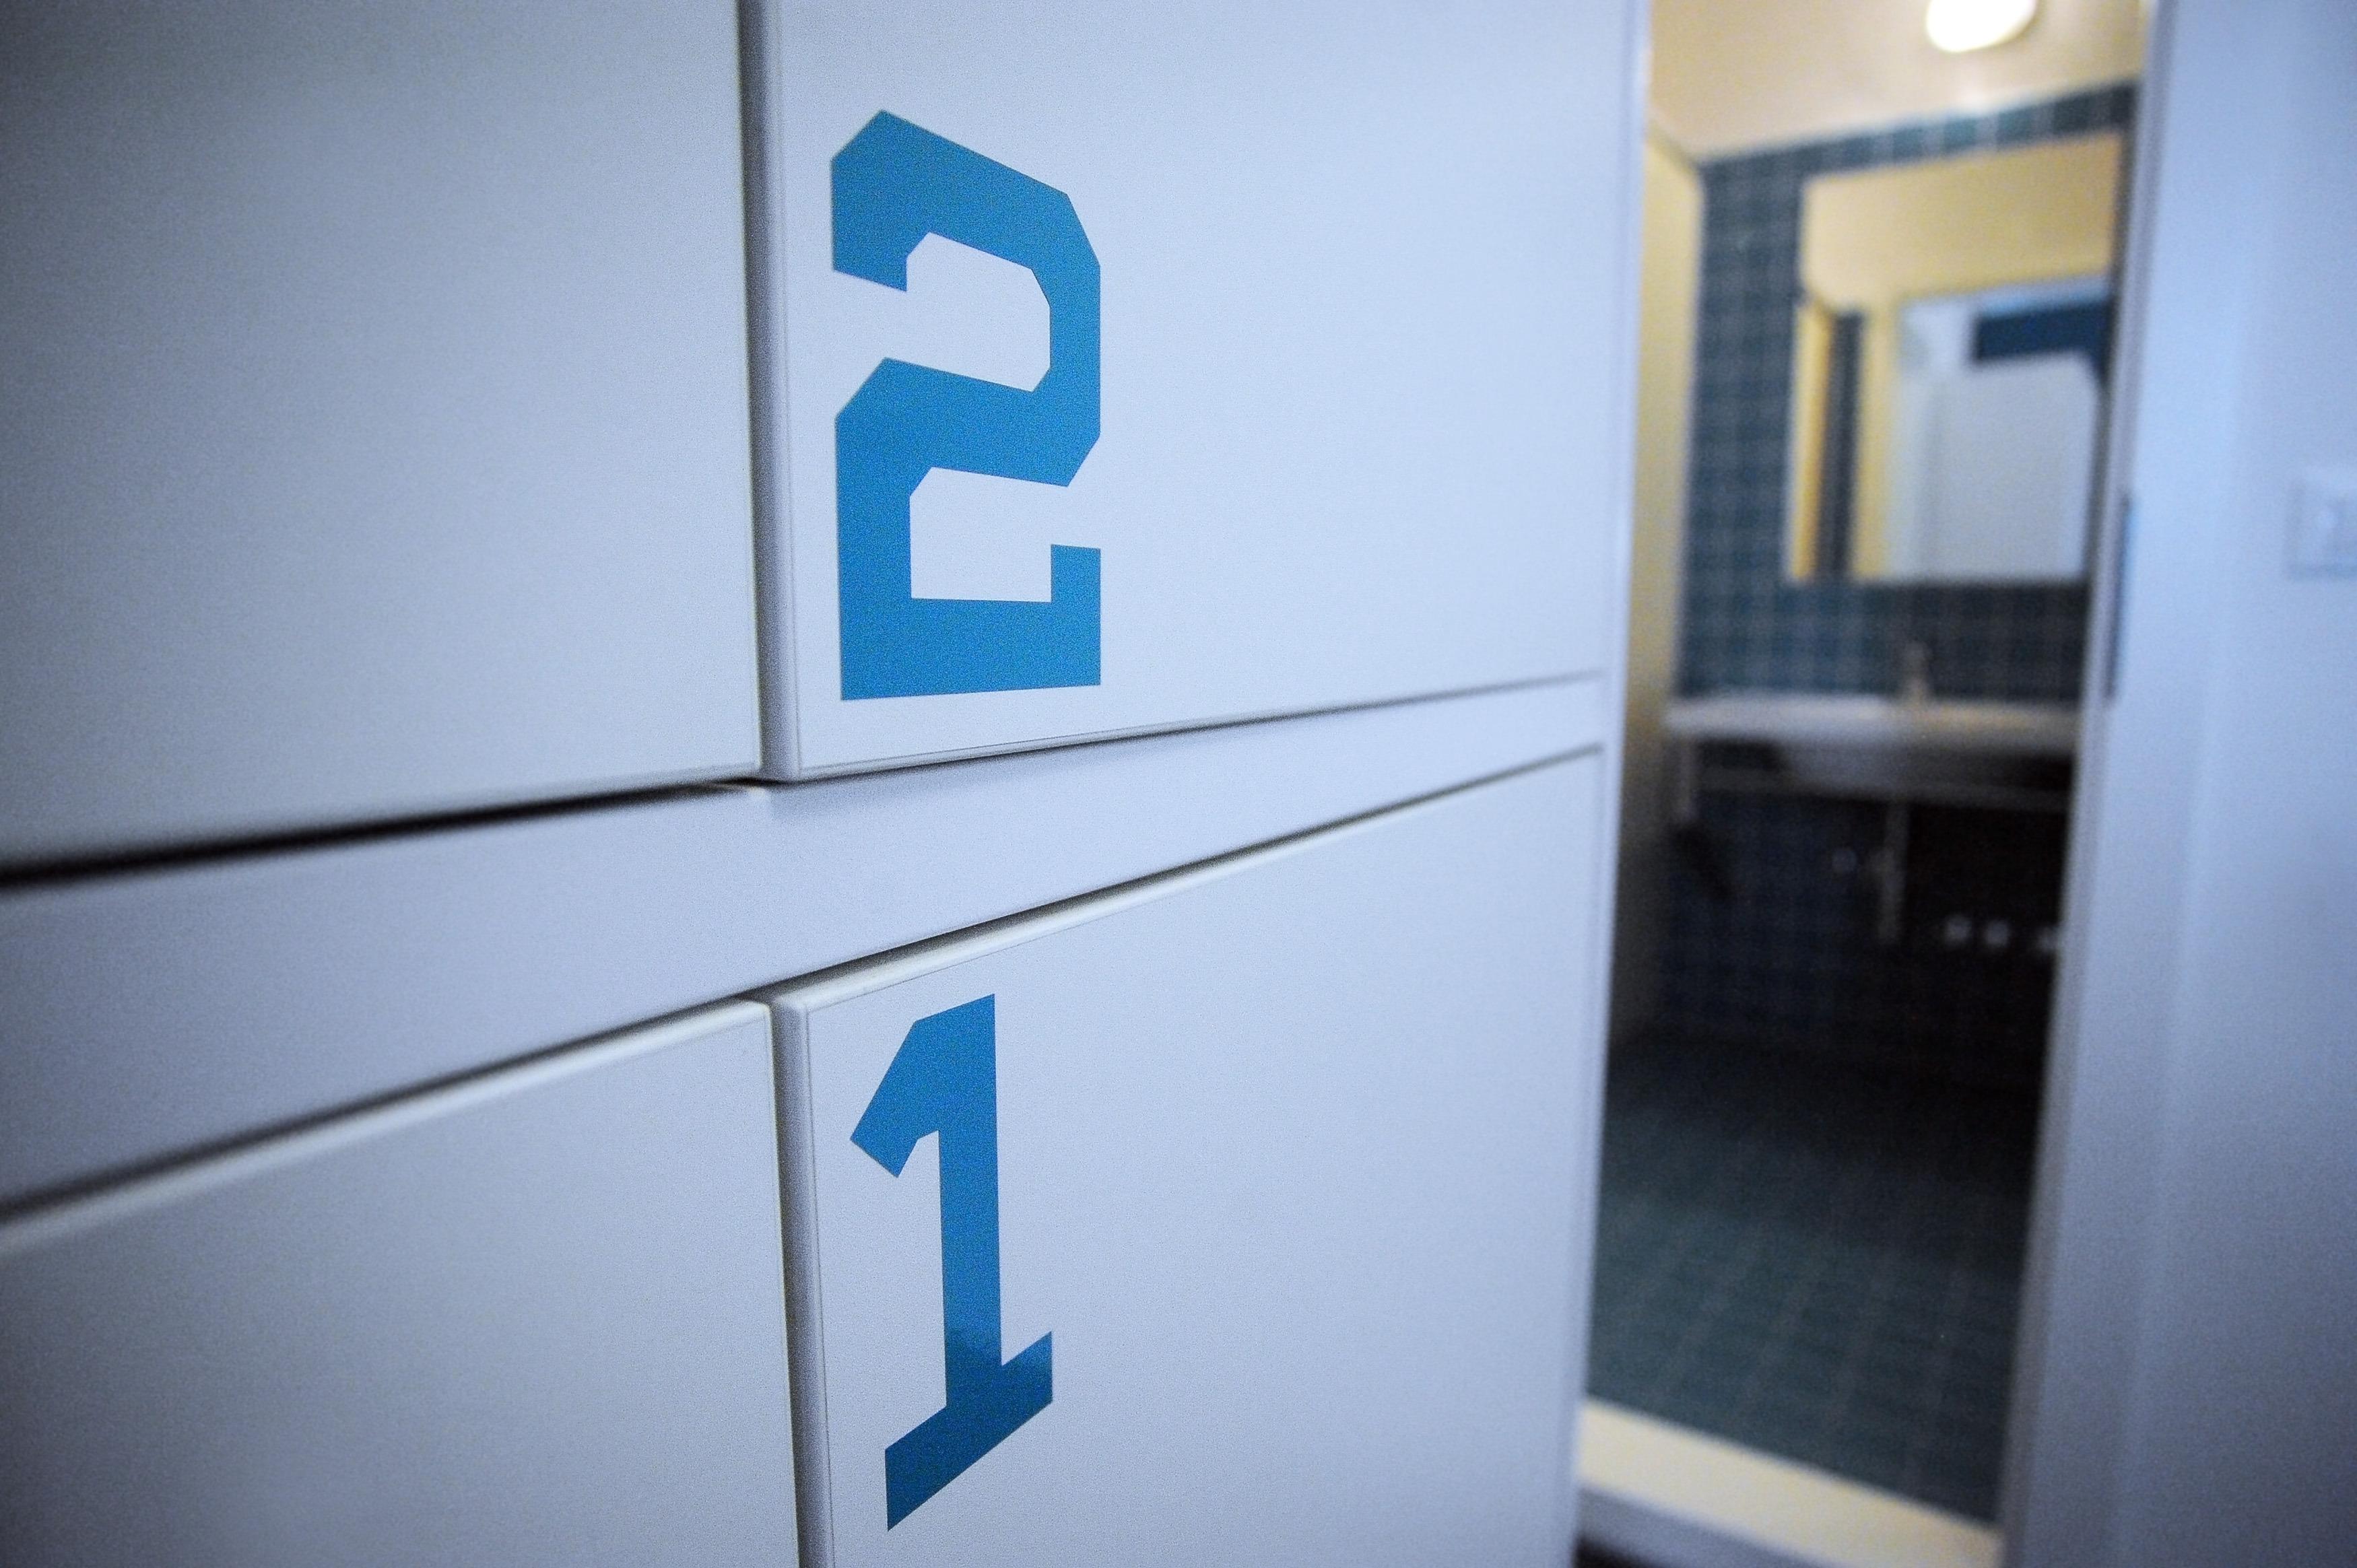 Hostel_Papalinna_4_bedroom_lockers